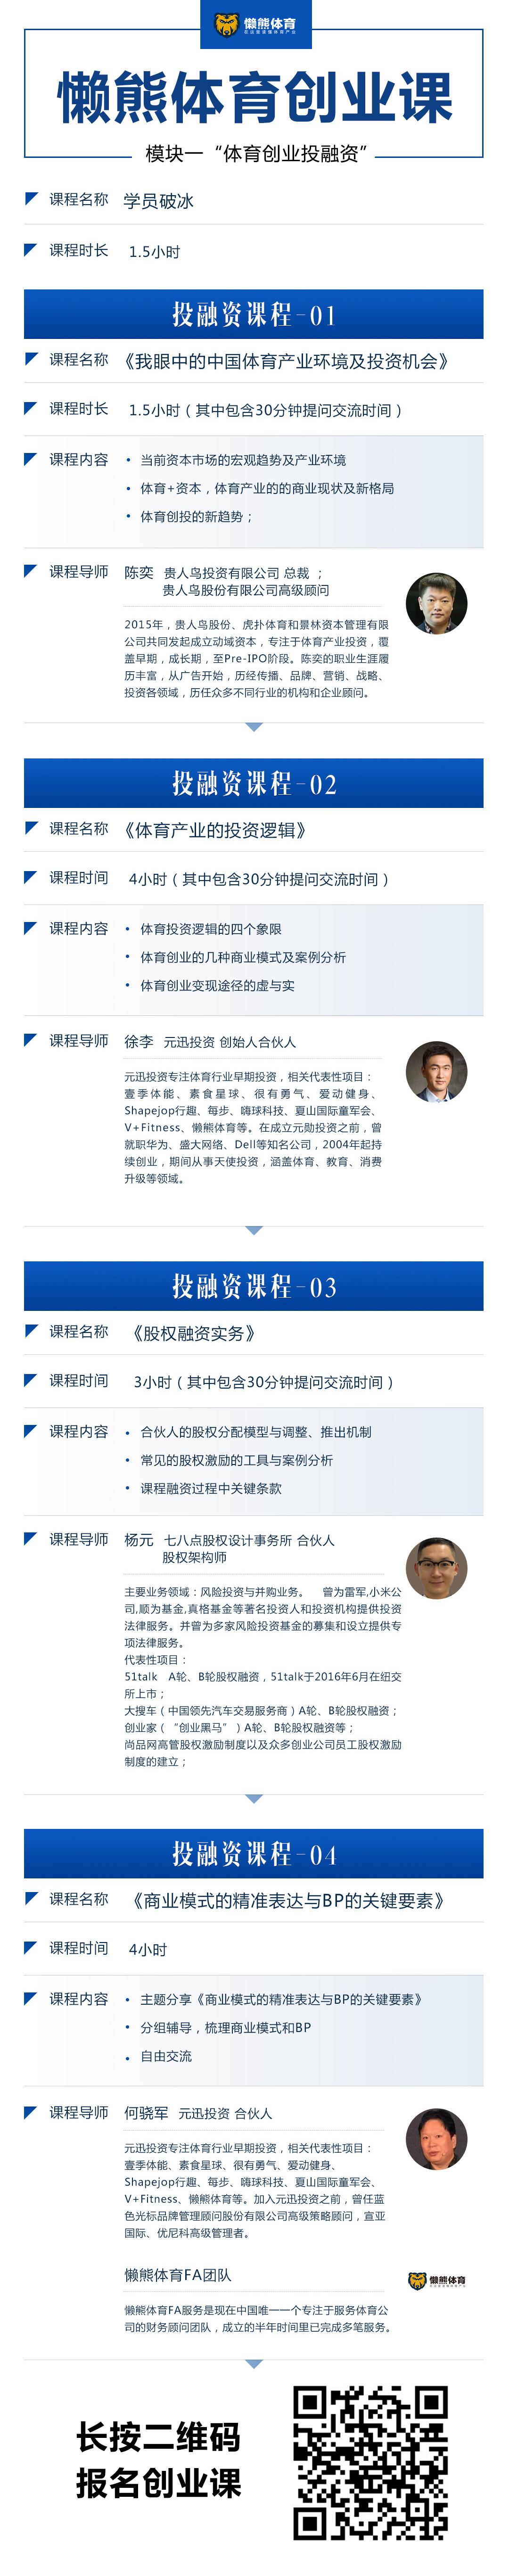 上海,懒熊体育创业课来了,这次我们讲讲体育创业投融资的干货